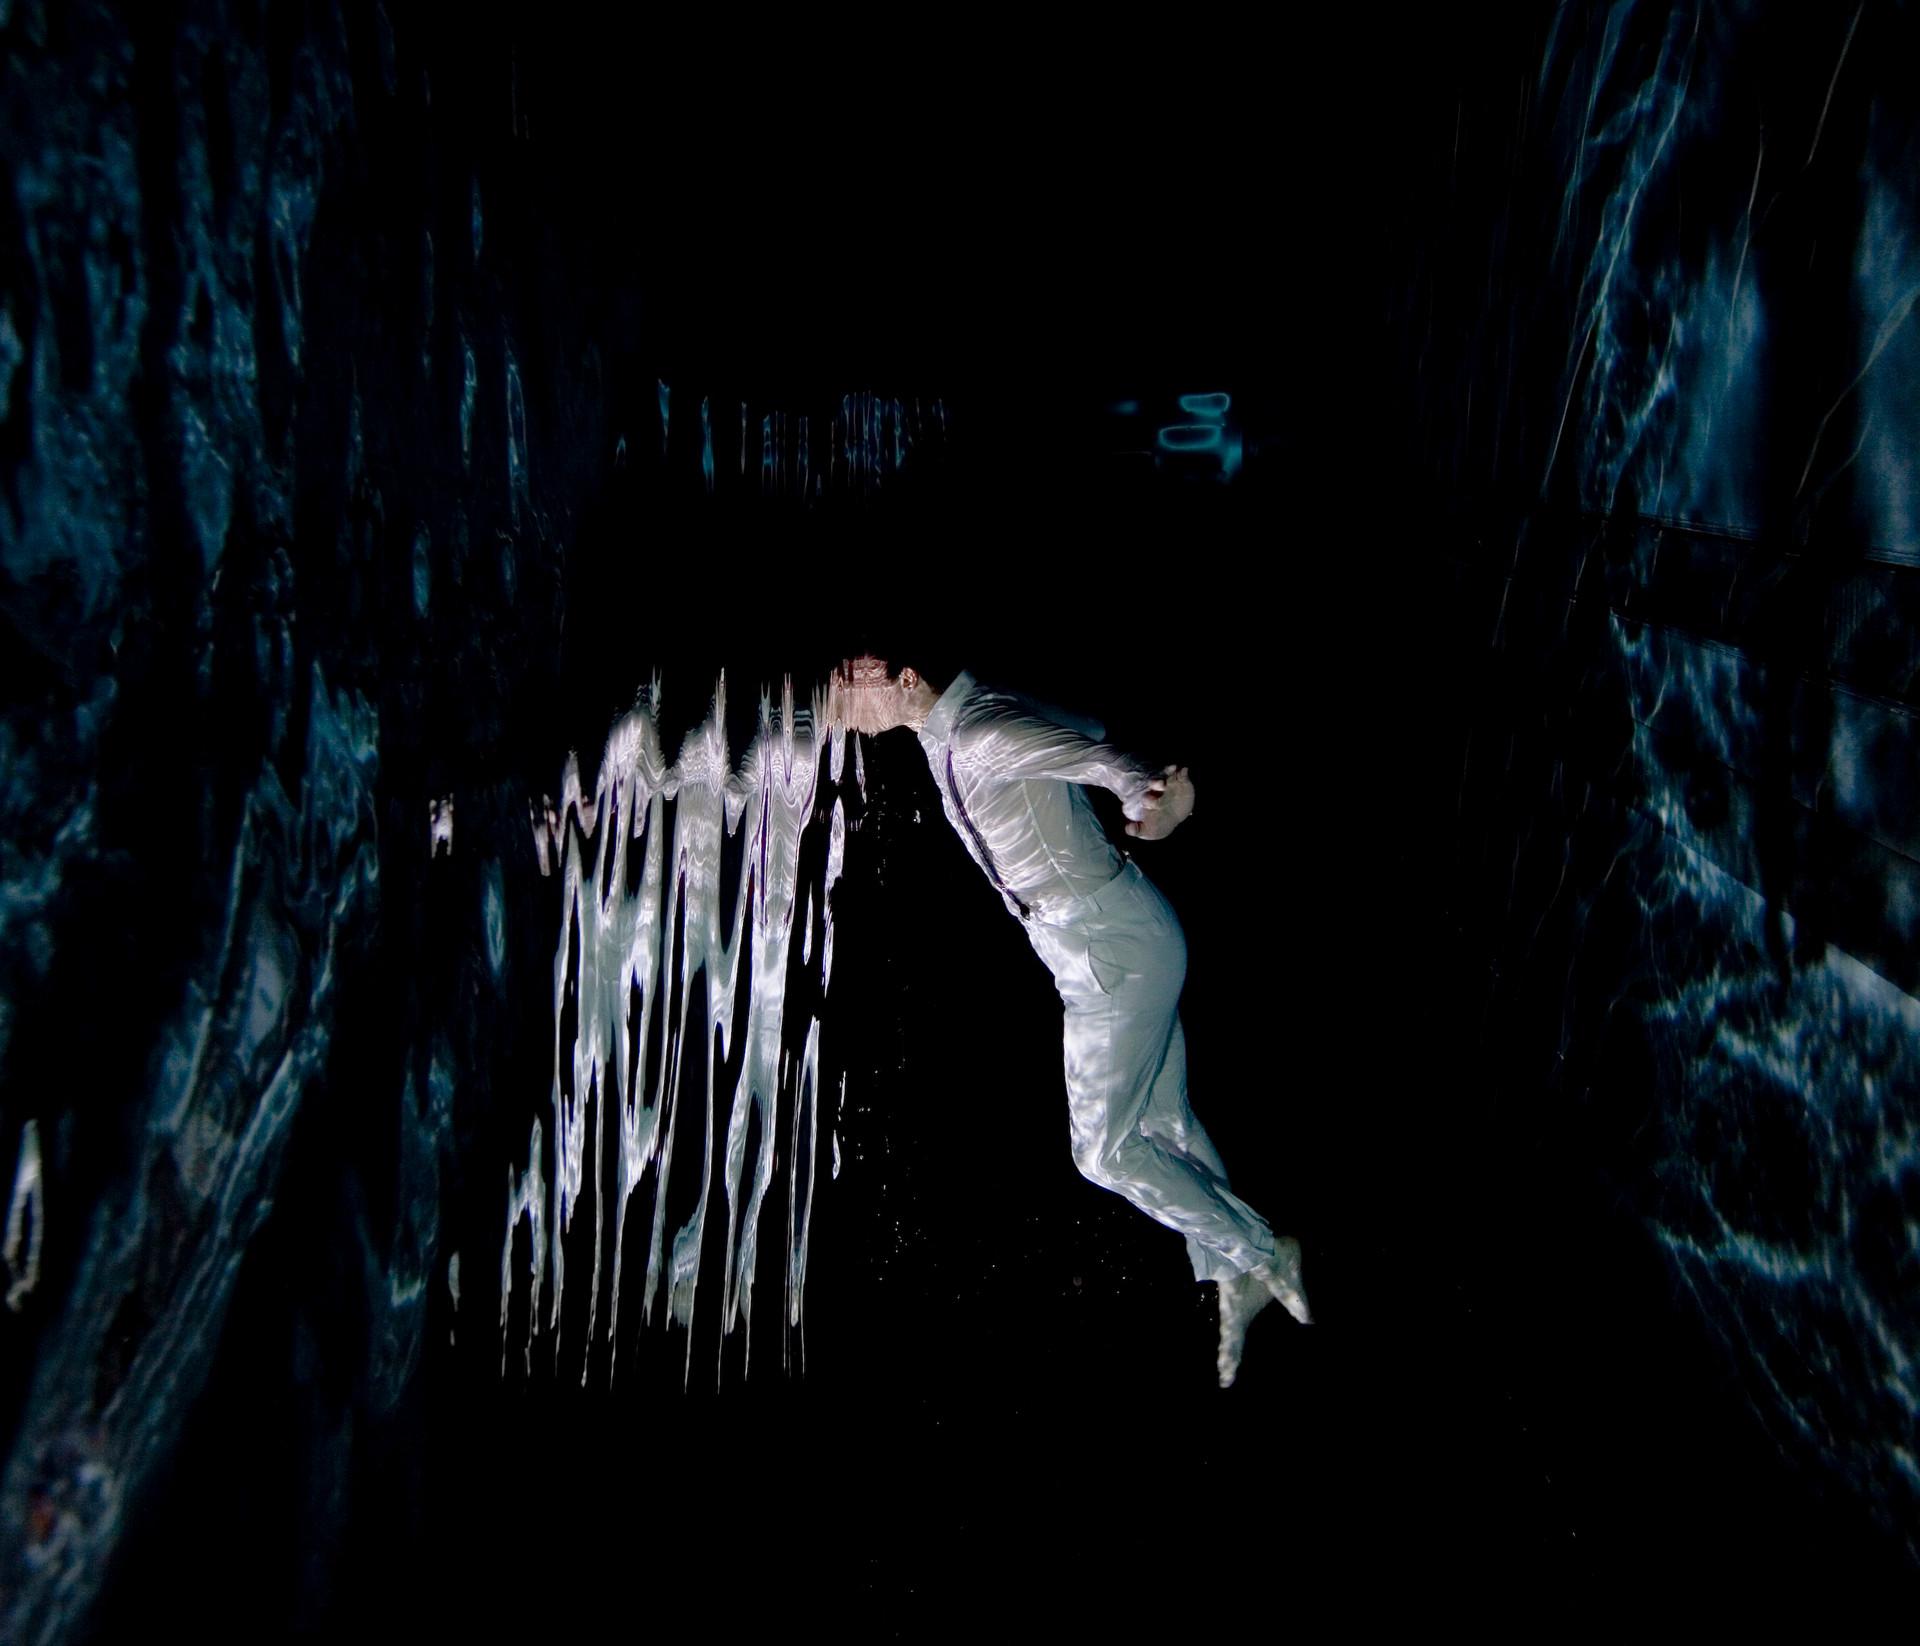 Gravity Kills, Serie, 2016